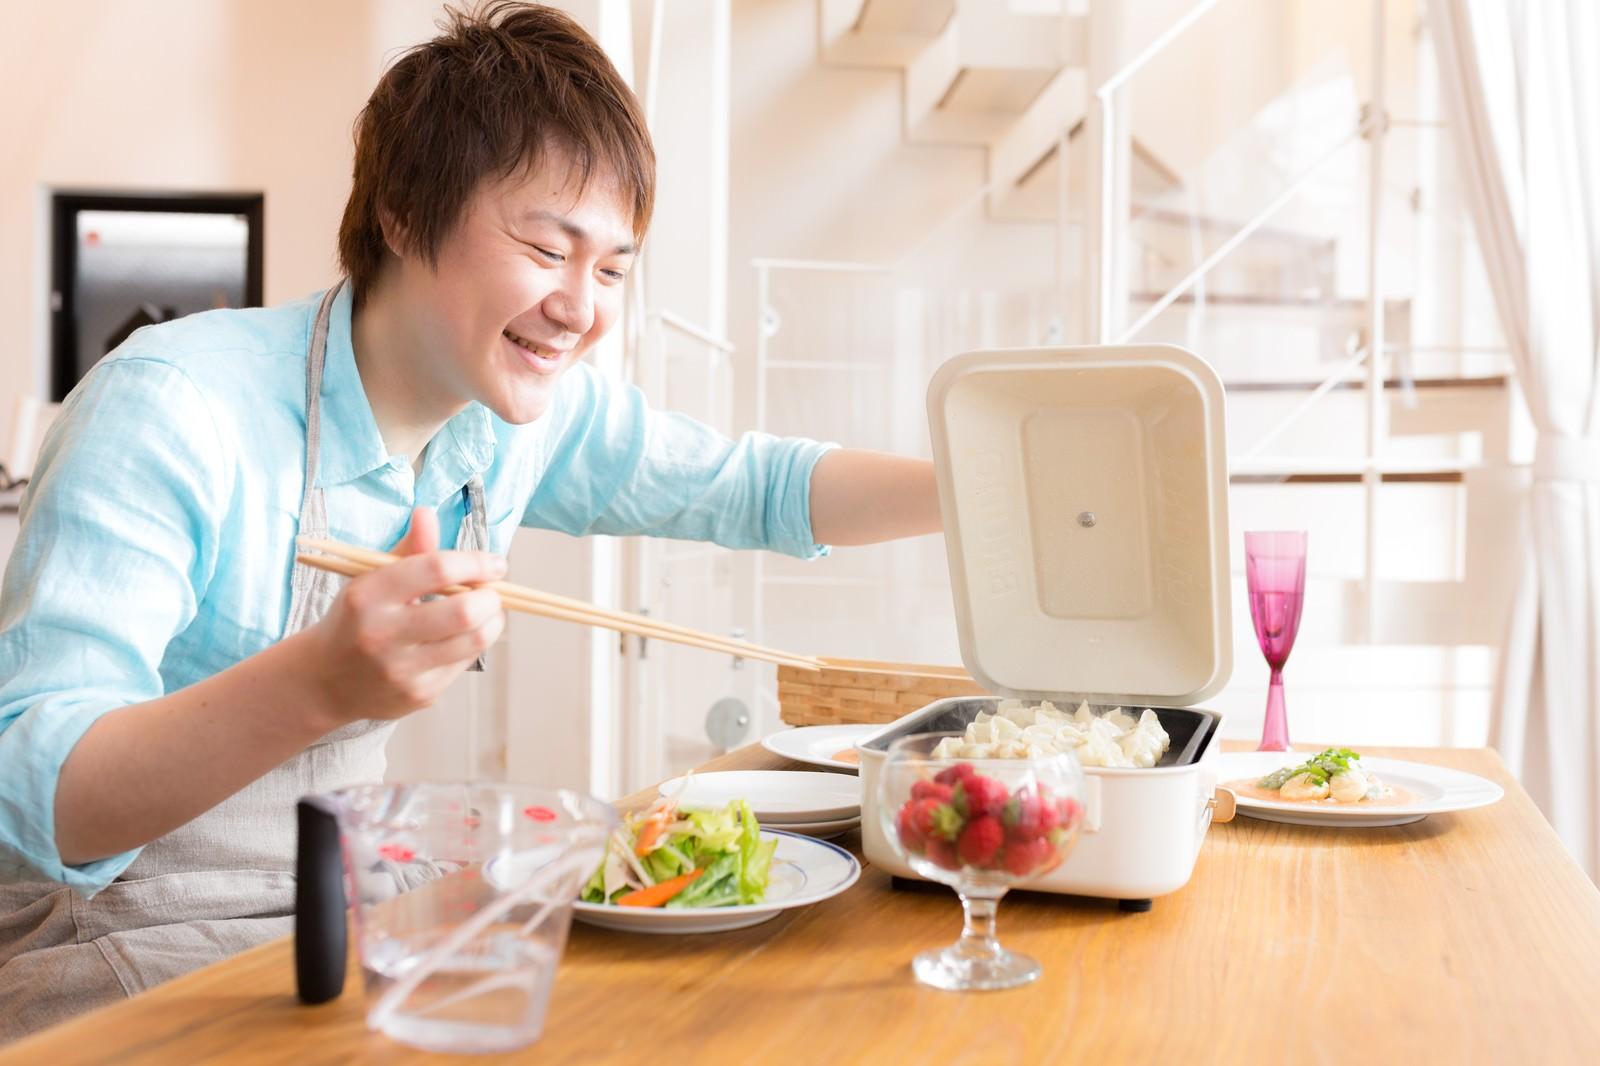 「「餃子焼けたかな?」と待ちきれない笑顔の夫」の写真[モデル:五十嵐夫妻]